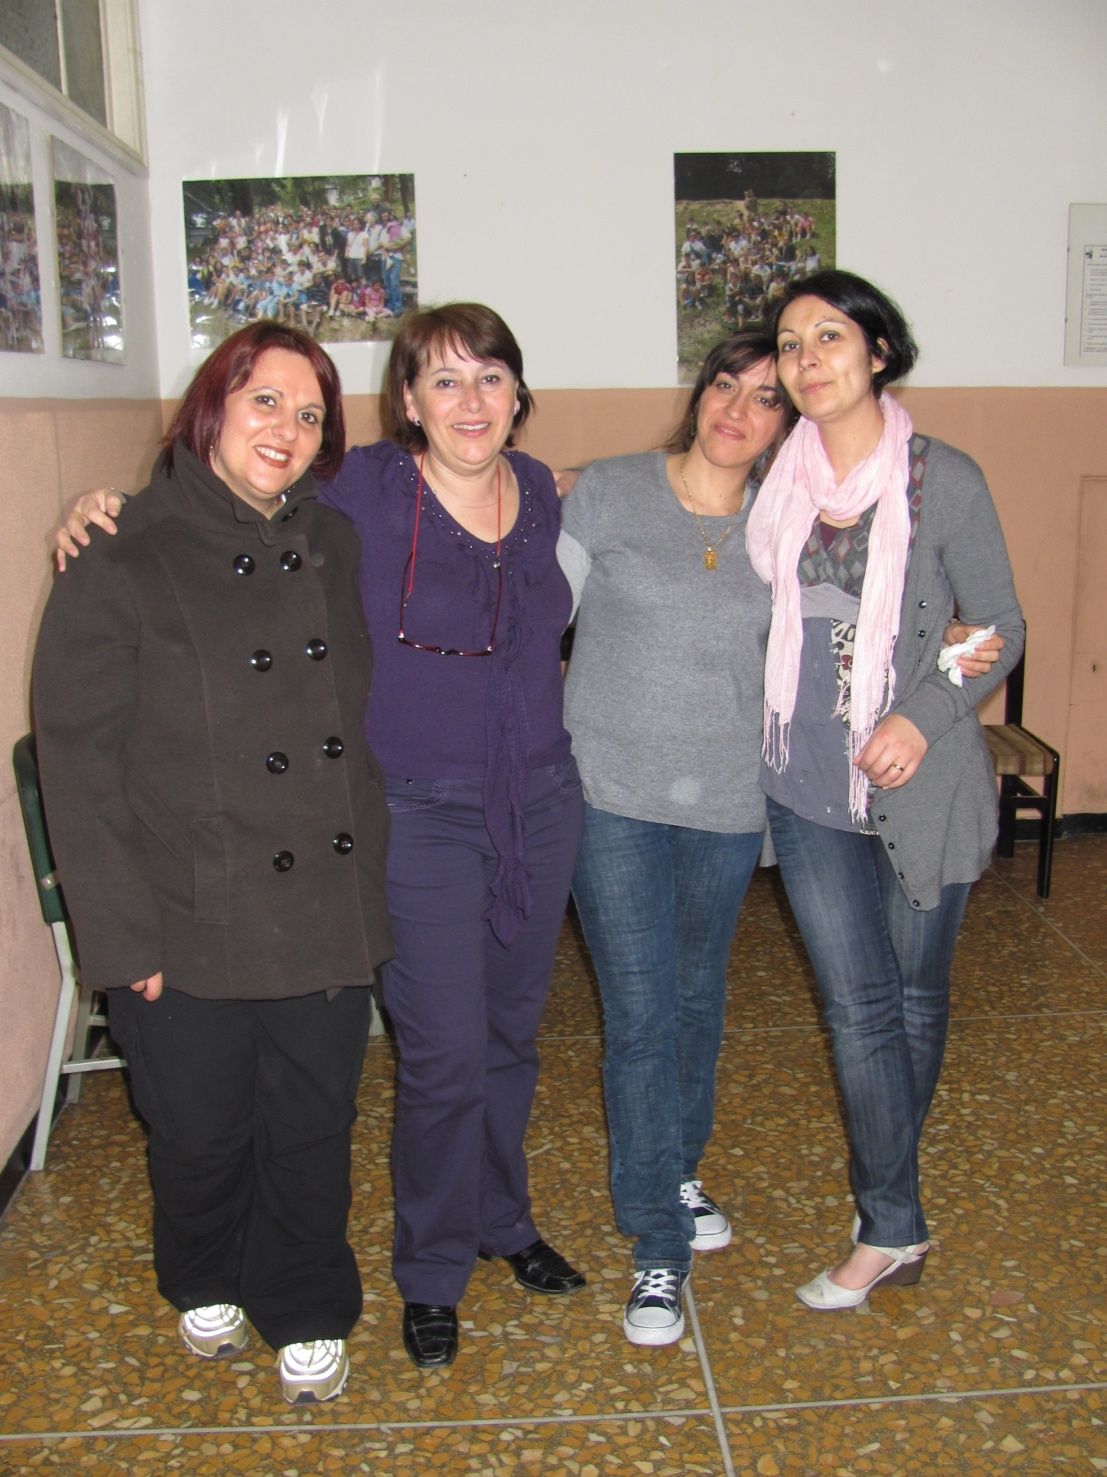 cena_ebraica-2011-04-20-19-23-03